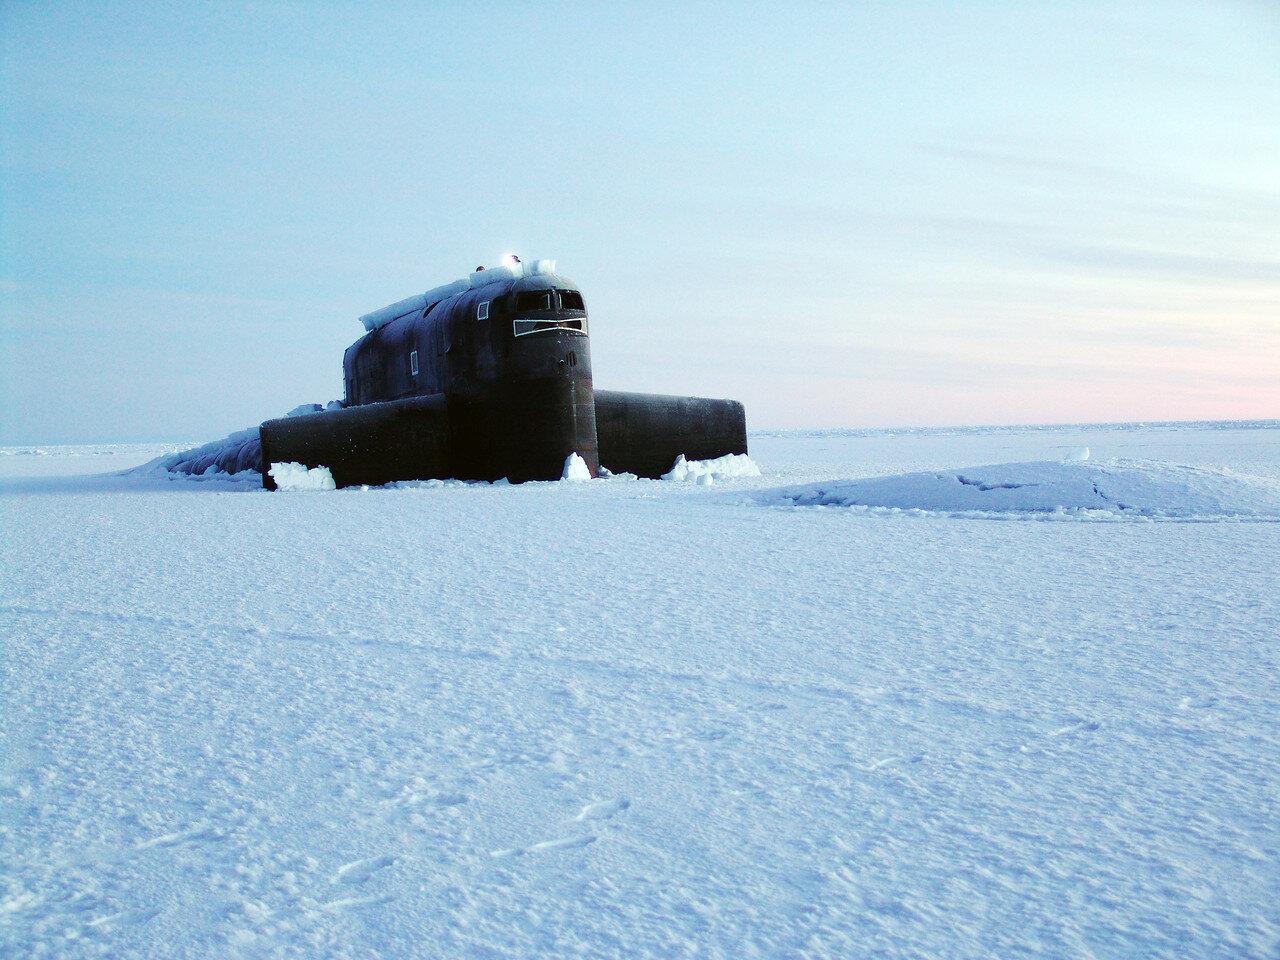 бурение льда в арктике